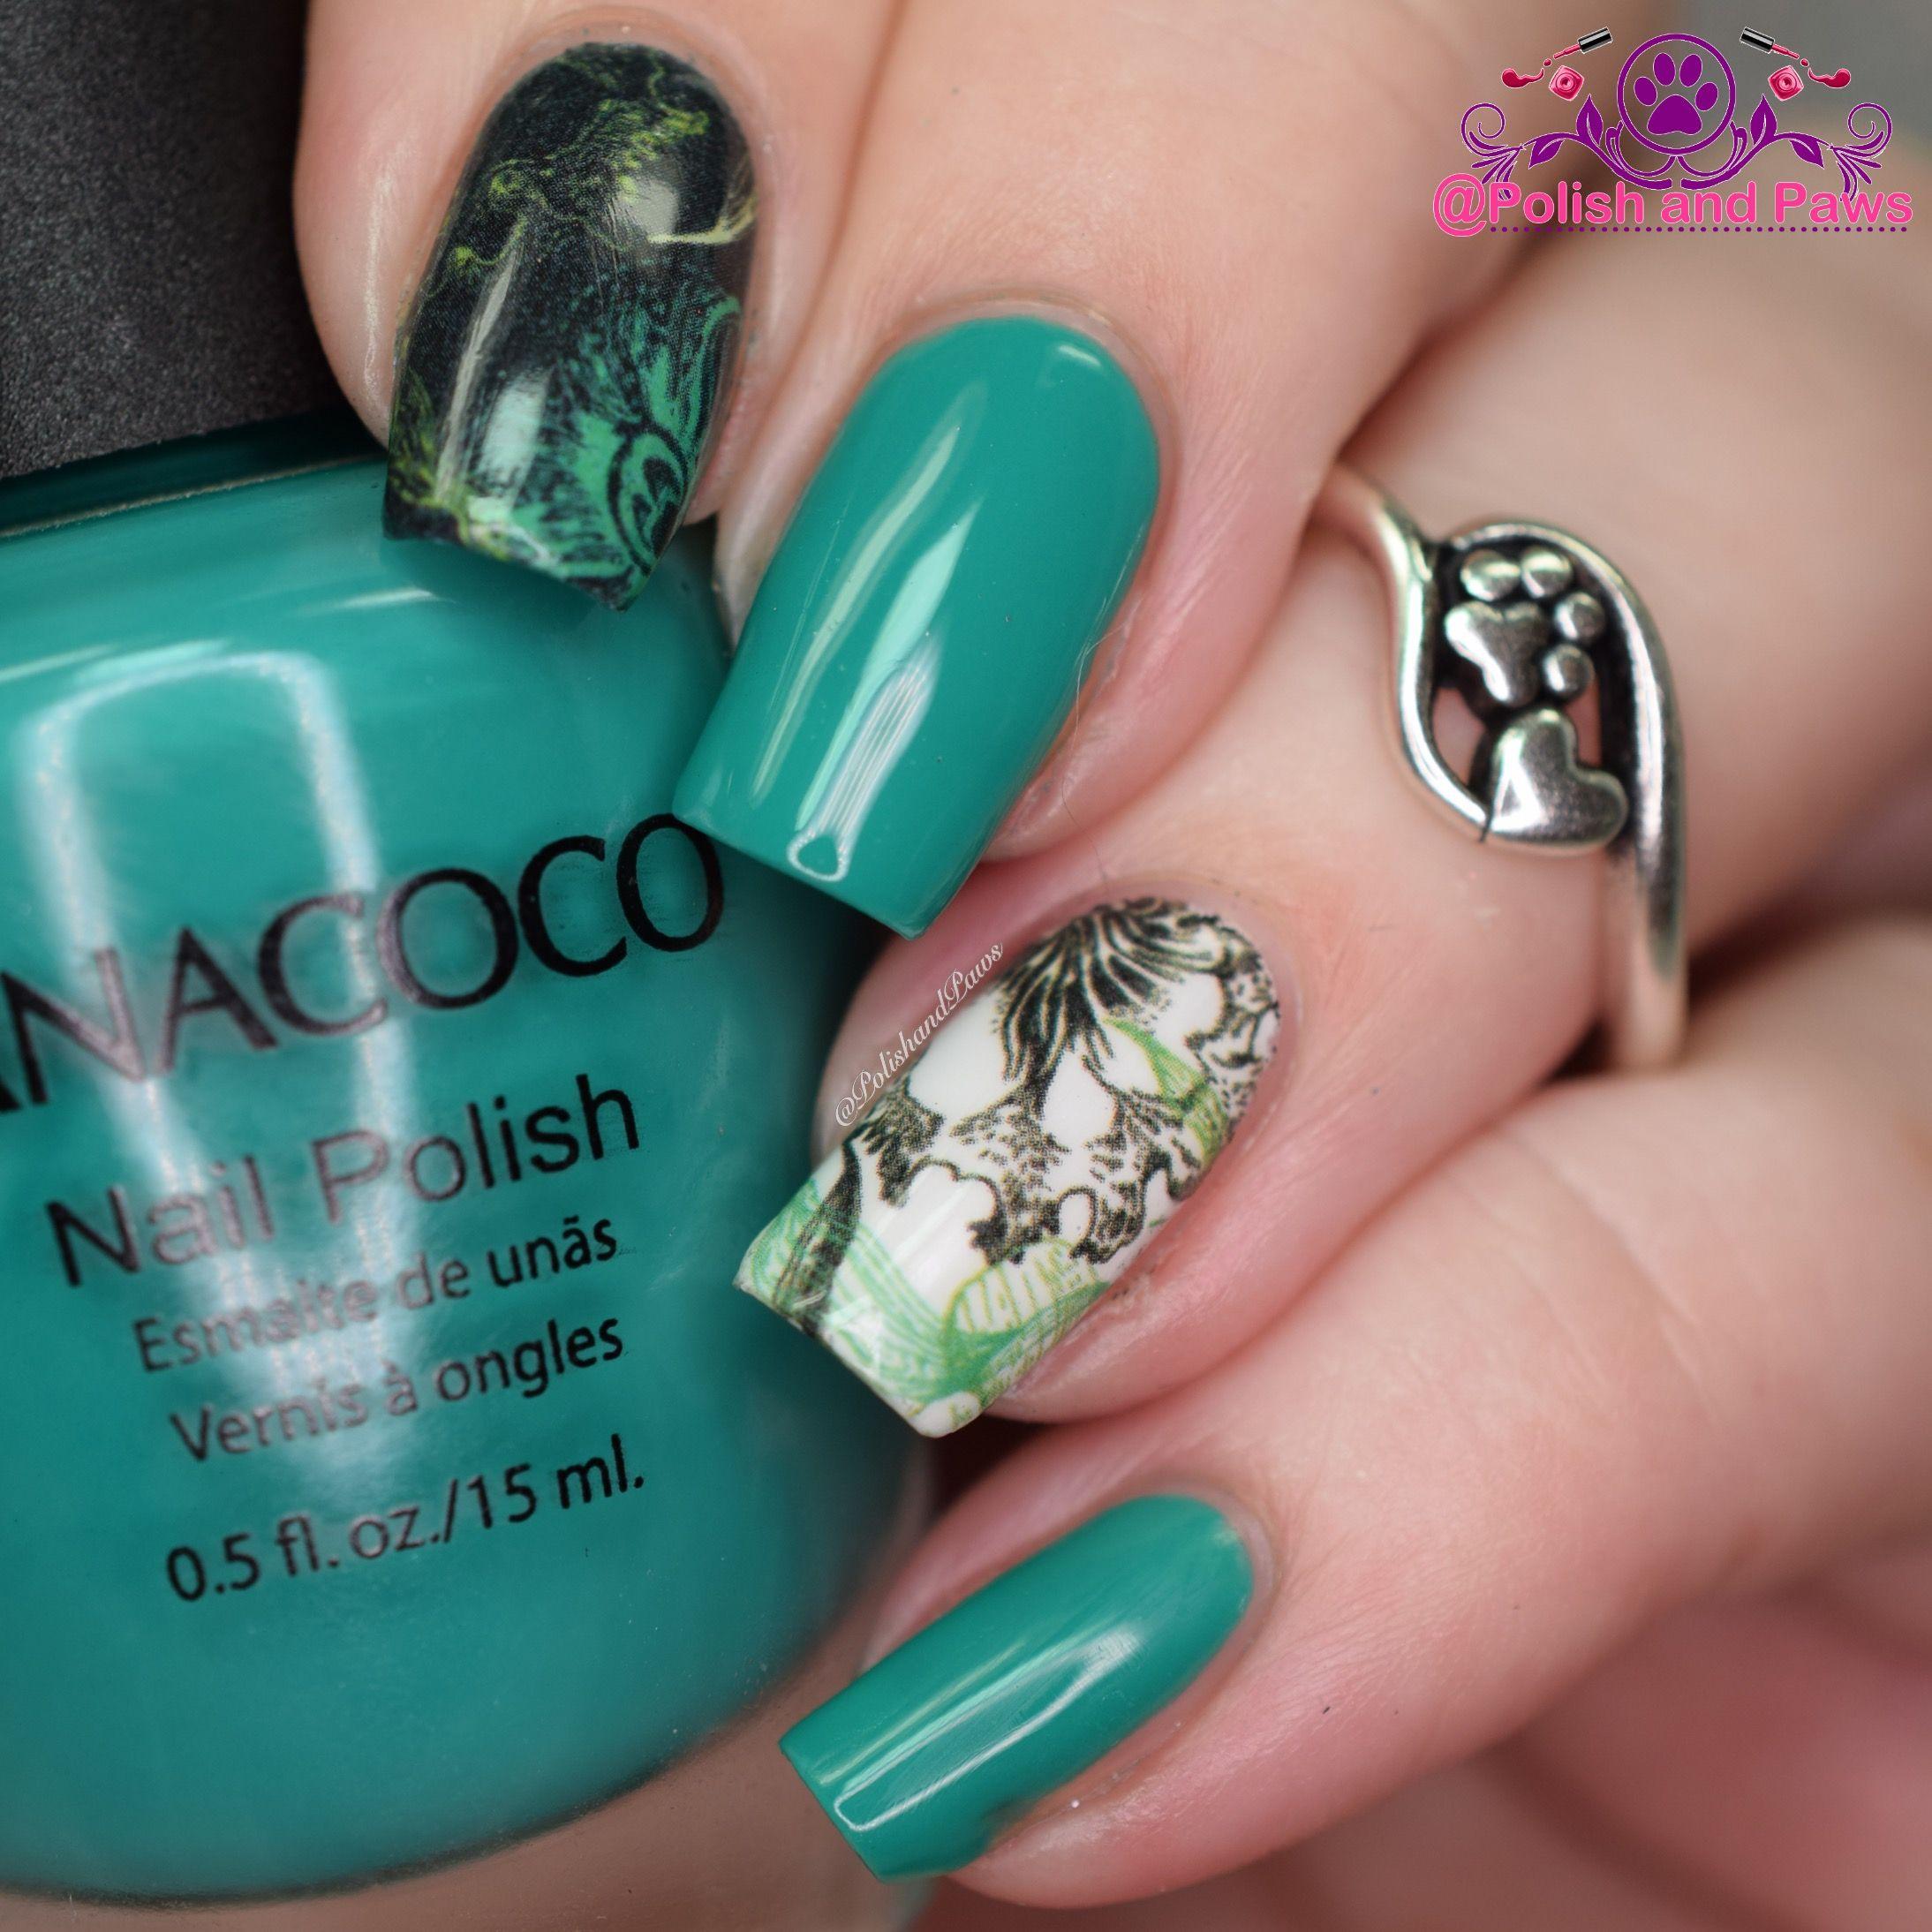 Nanacoco Nicole Diary mani